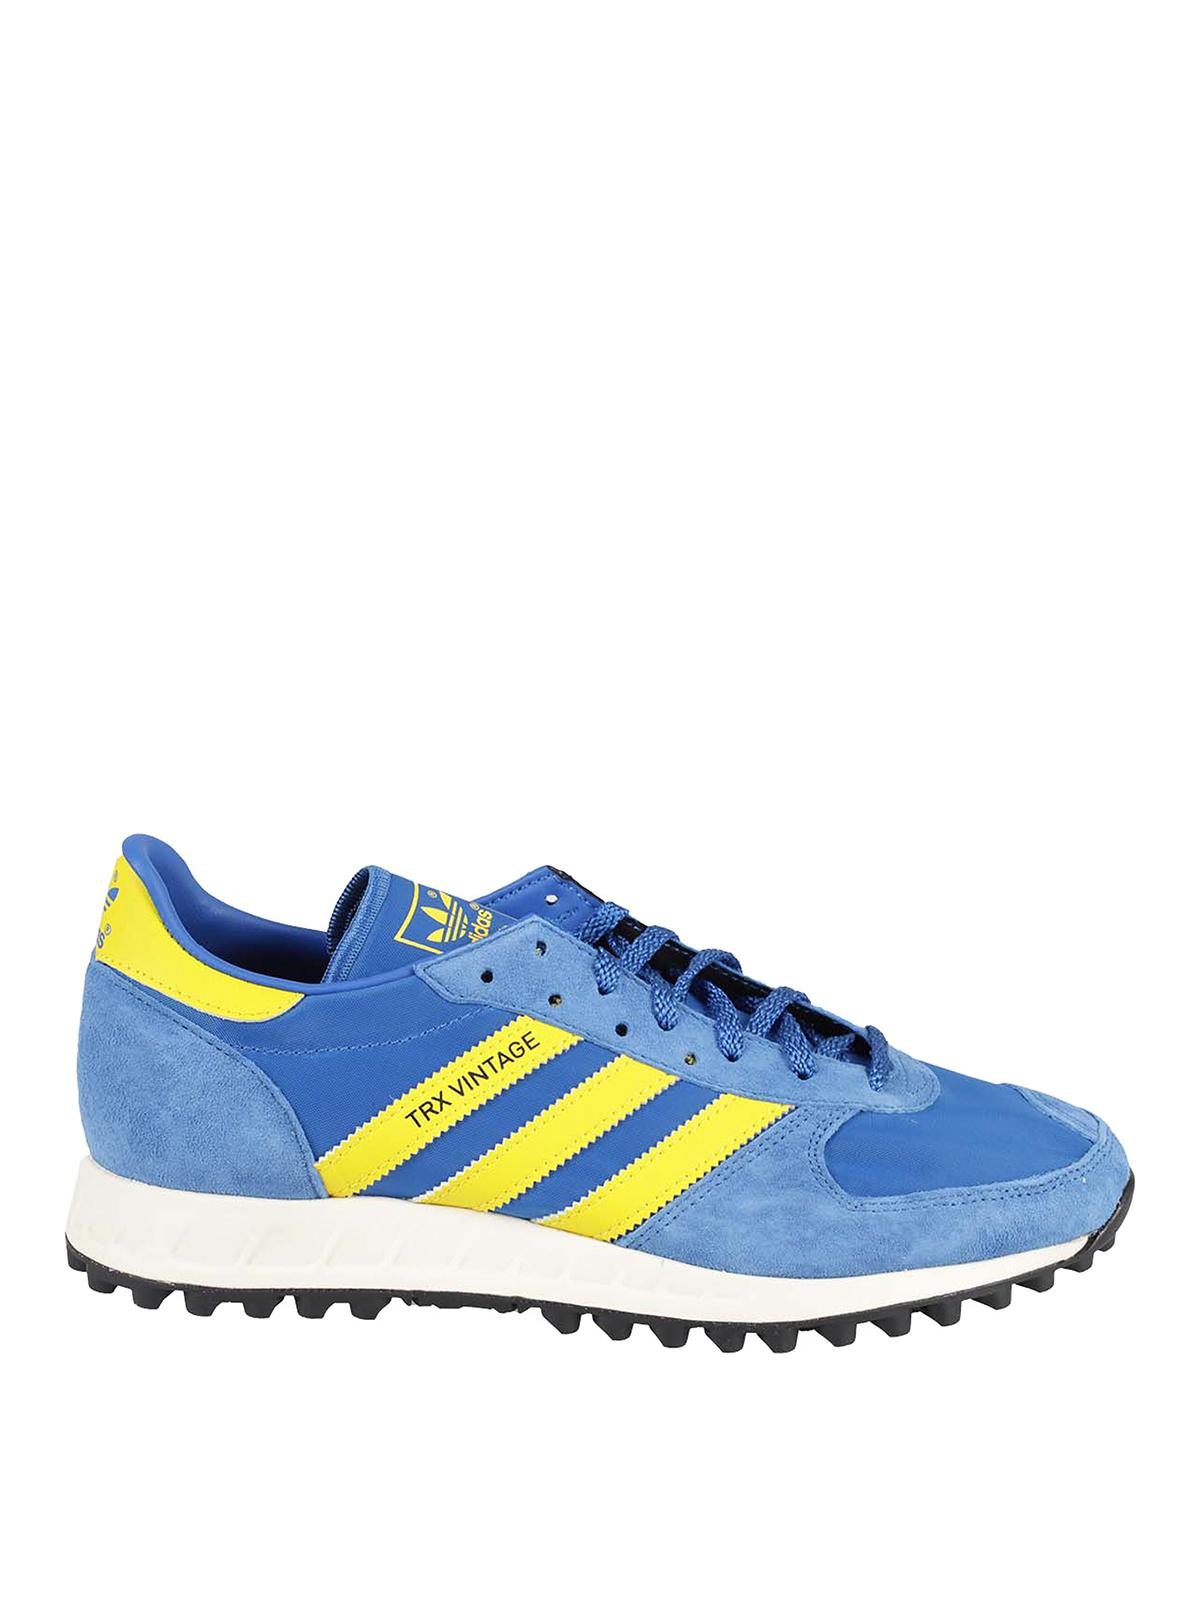 Adidas Originals Sneakers TRX VINTAGE SNEAKERS